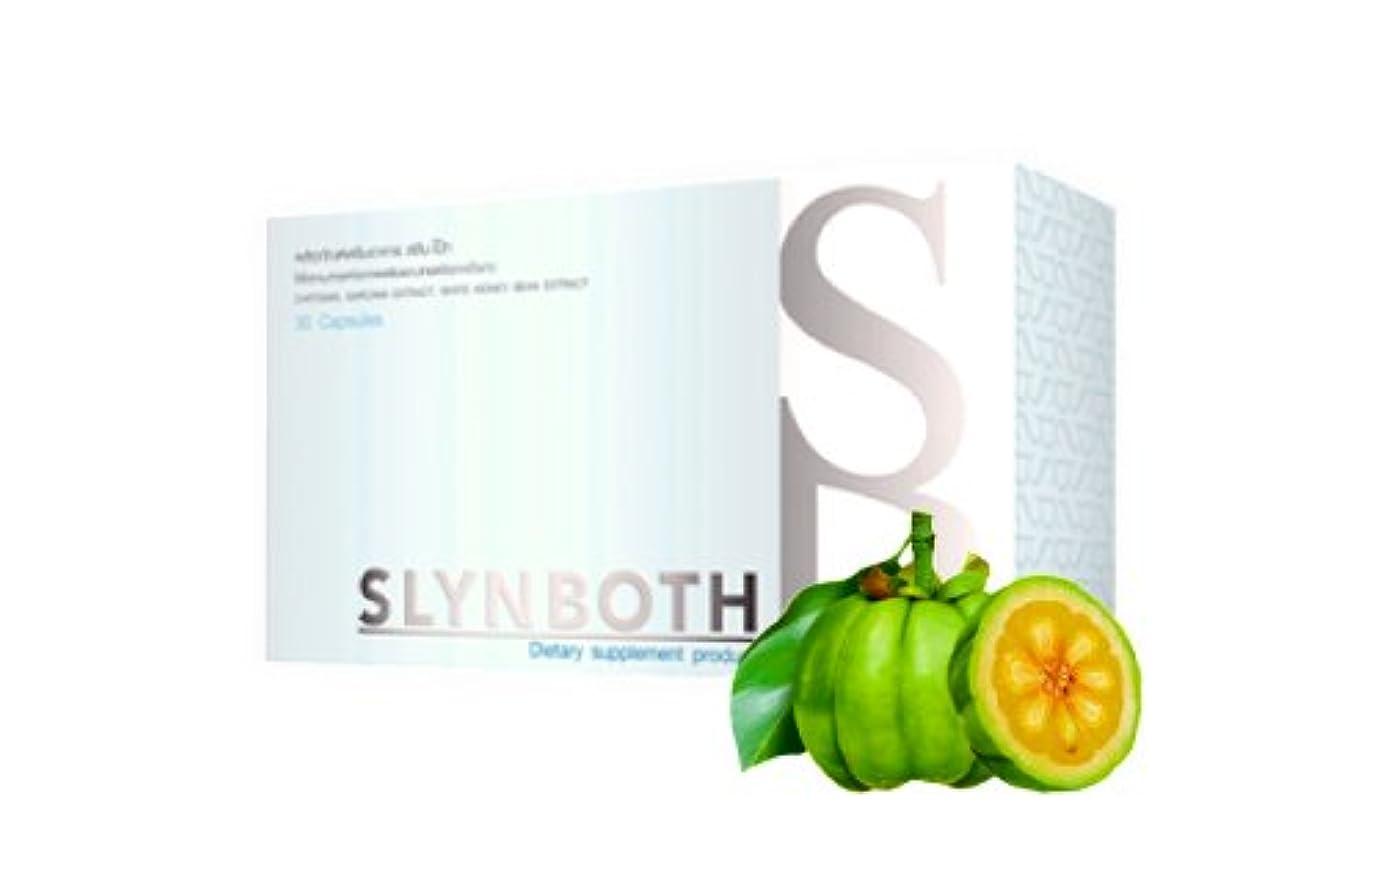 放棄するかご建築家スリンボス(Slyn Both) (1箱30錠)